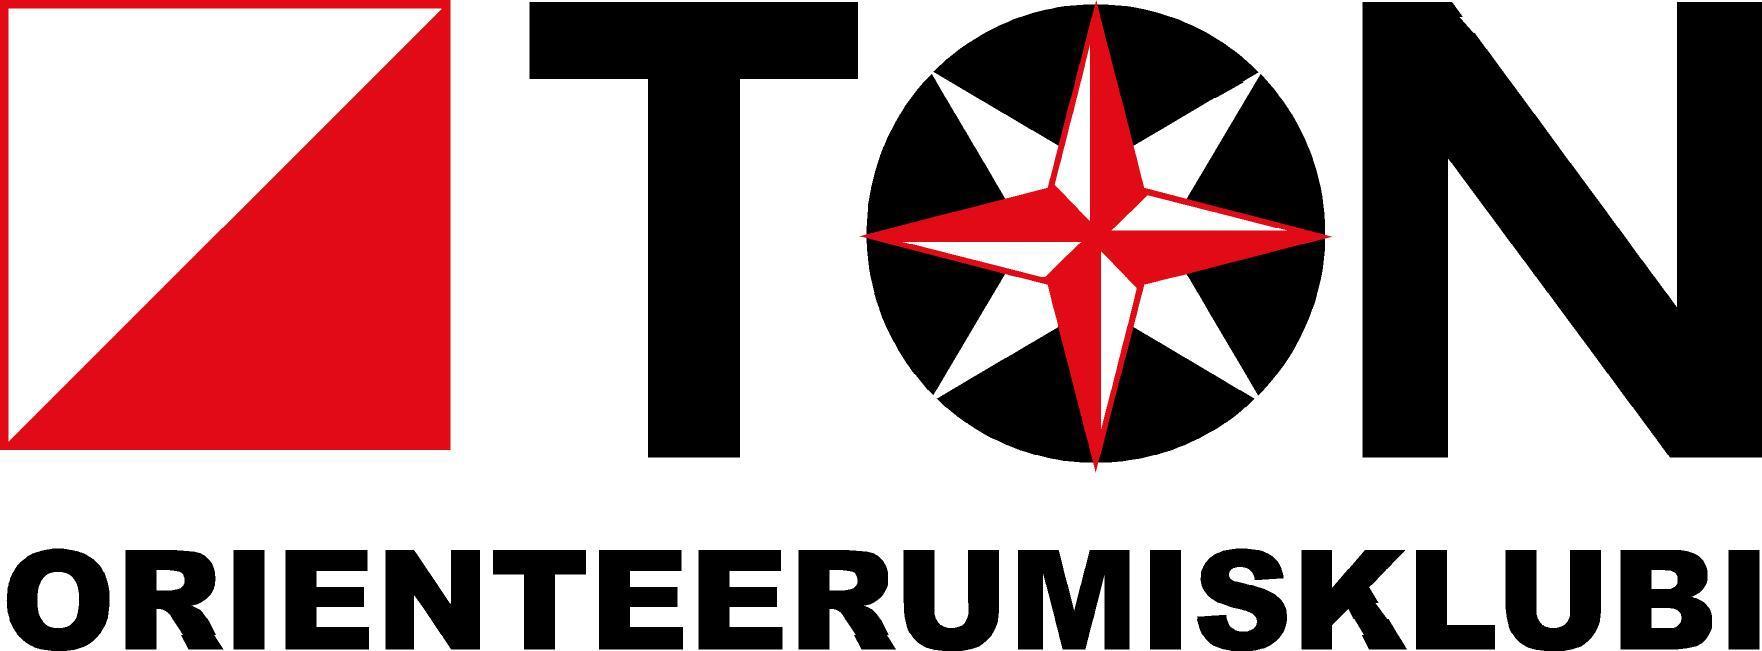 Tallinna Orienteerumisneljapäevakud